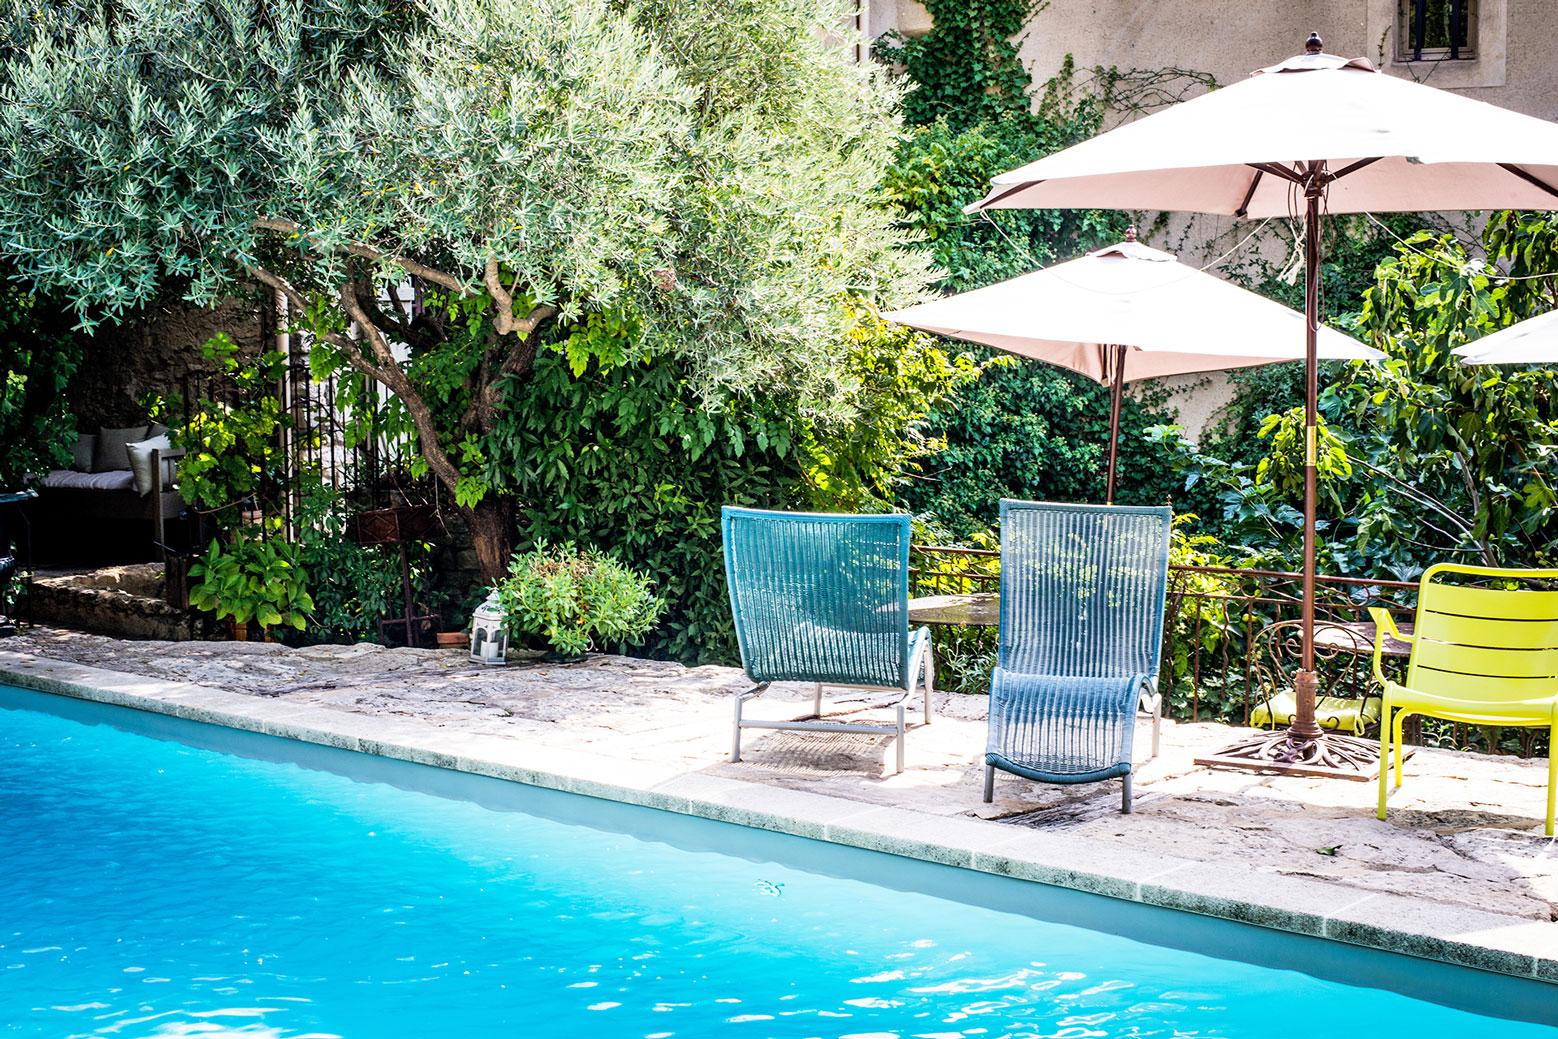 Ventes magnifique maison de village avec piscine et terrain en terrasse agence rosier - Piscine et terrasse ...